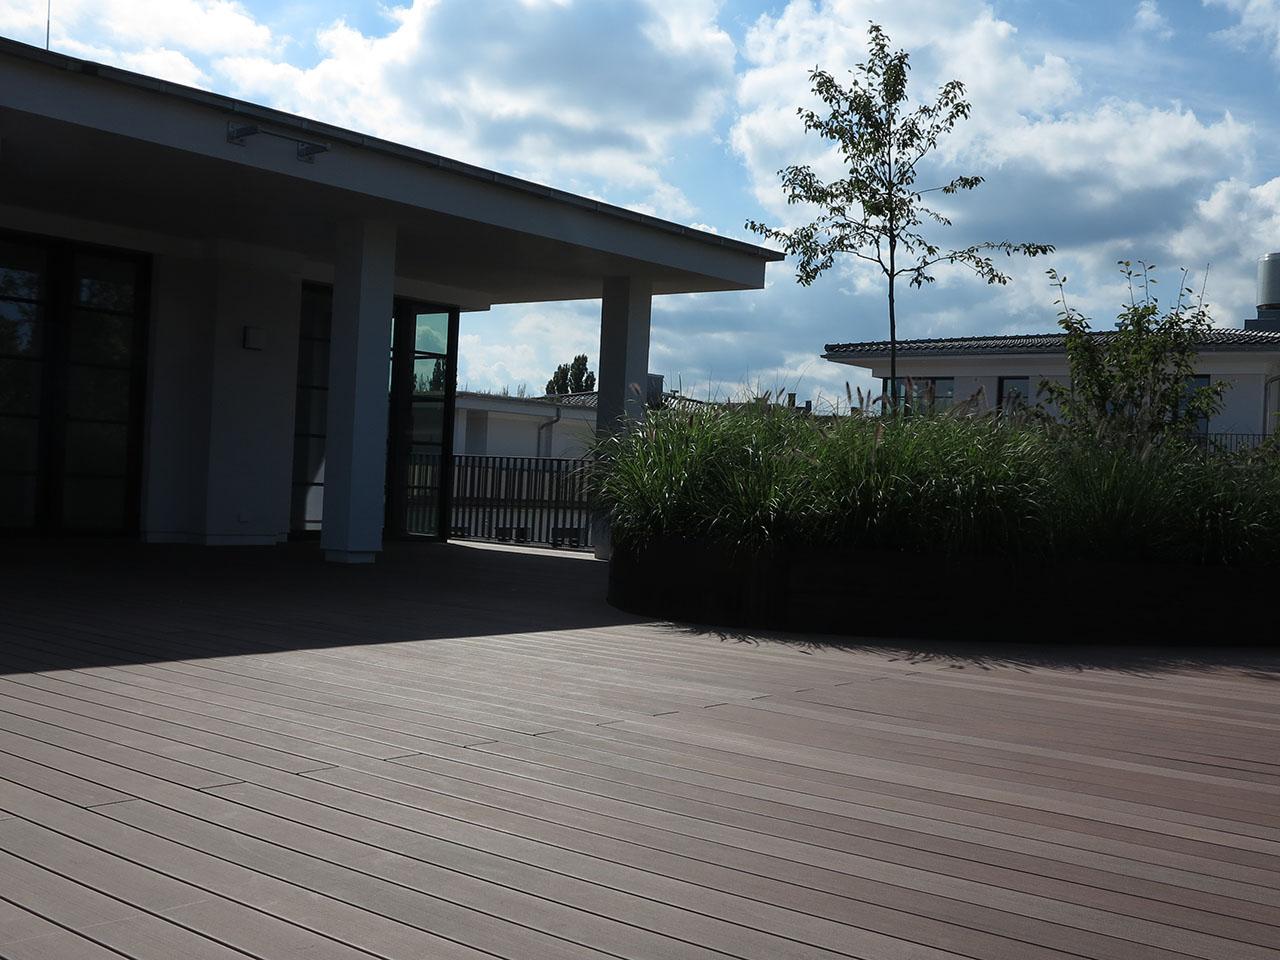 Braune Balkonhölzer aus WPC auf Penthouseterrasse mit Haus im Hintergund